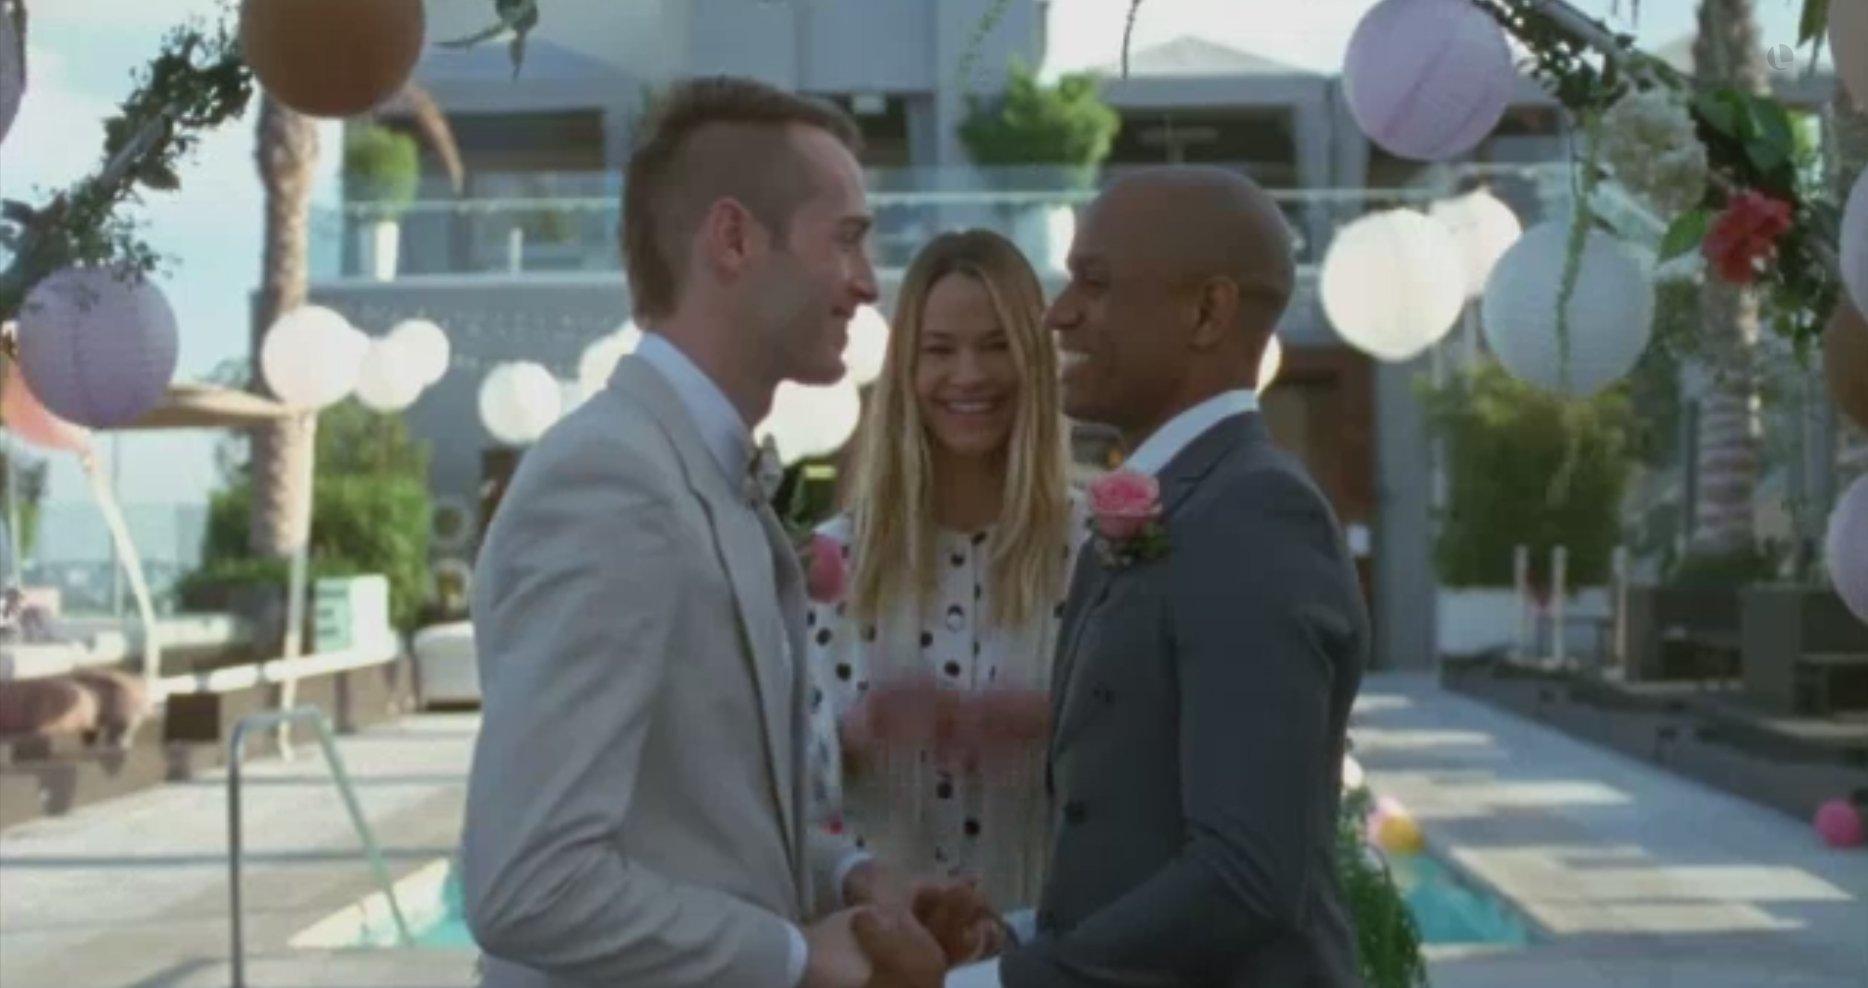 La vidéo du jour : Leisha Hailey marie un couple d'hommes dans un clip de soutien à l'égalité des droits